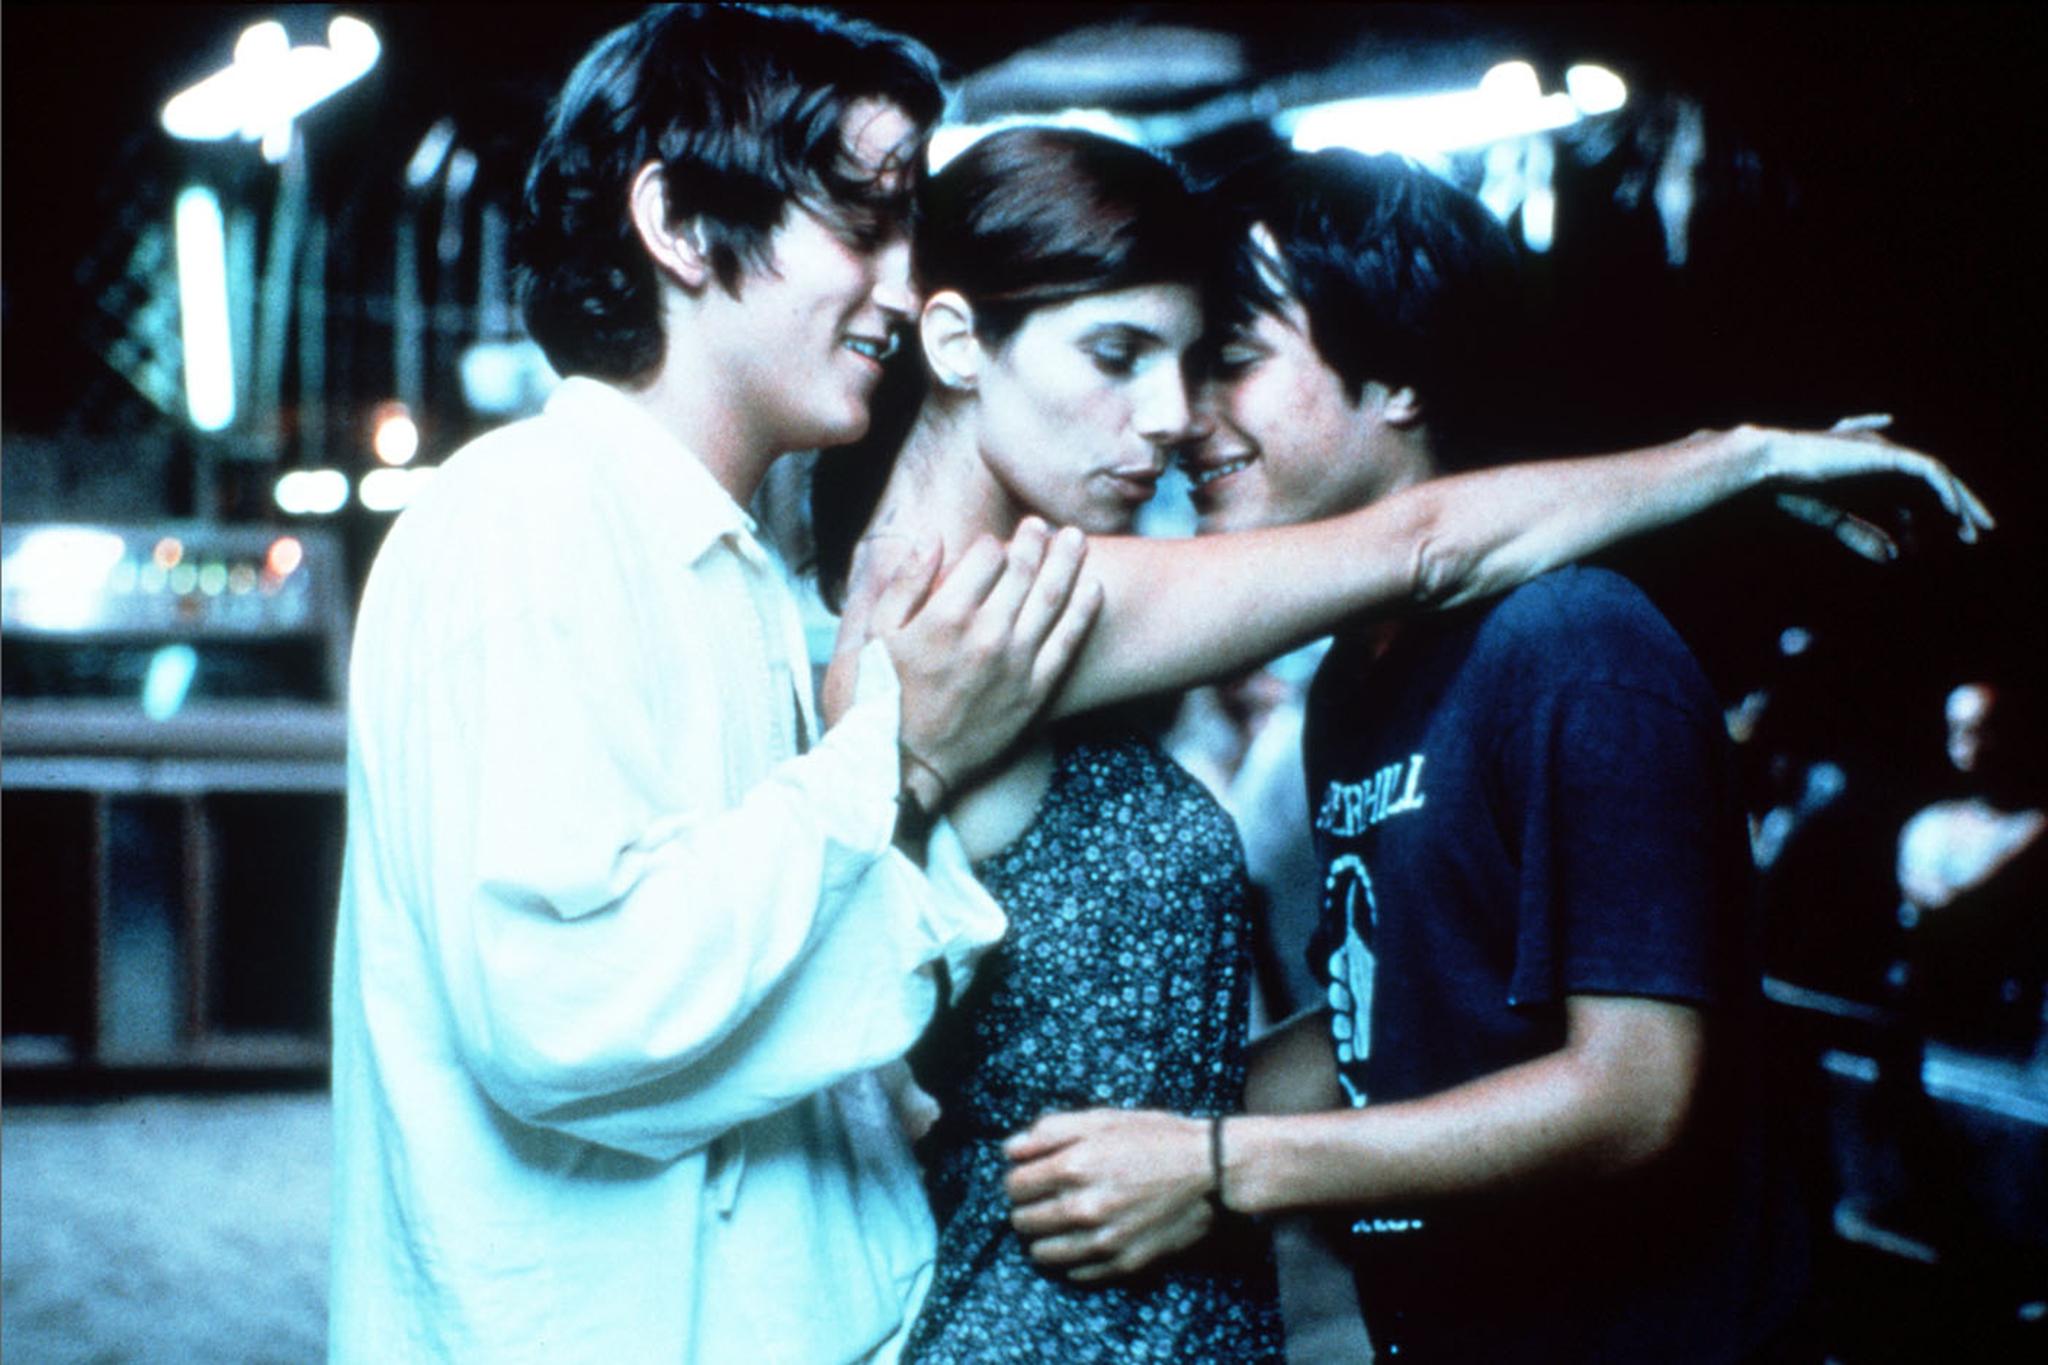 Y Tu Mamá También (2001)